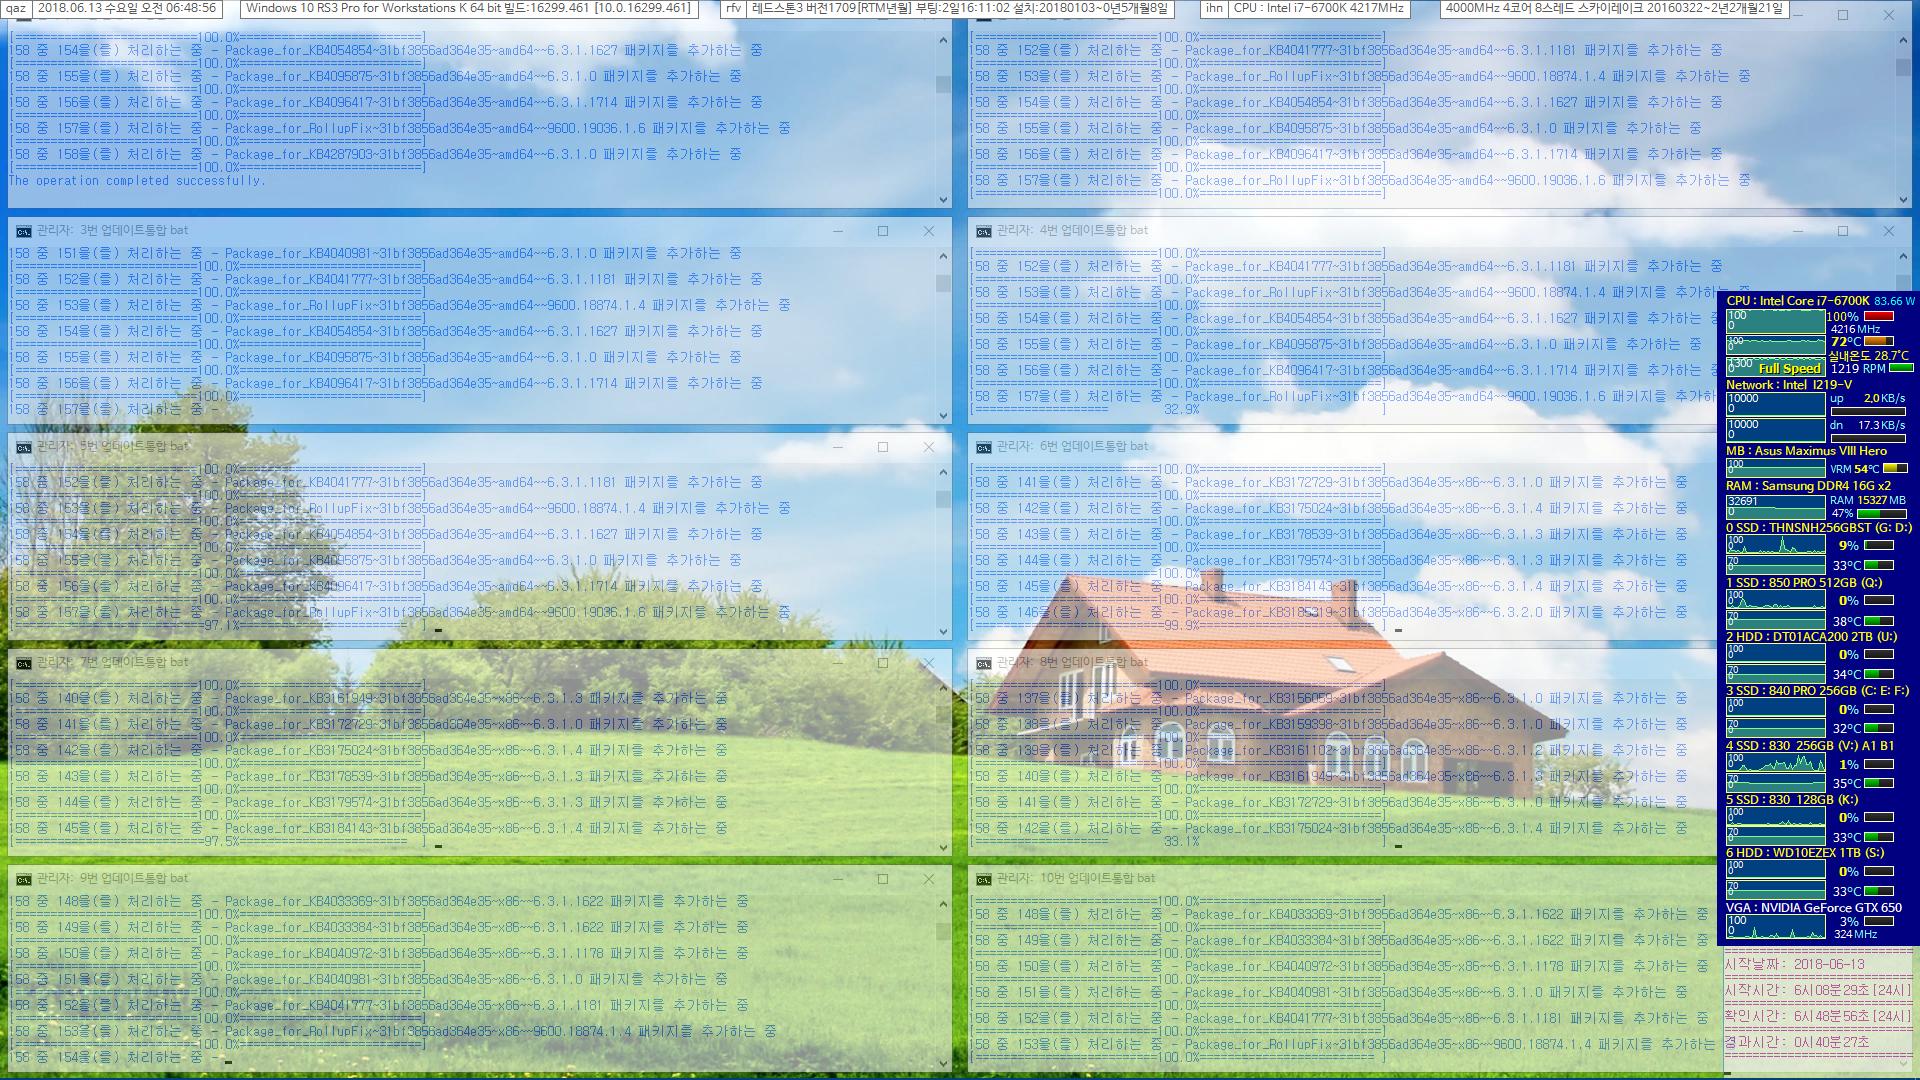 Windows 8.1 롤업 업데이트 KB4284815 (OS 빌드 9600.19036) 통합중 입니다 2018-06-13_064857.png